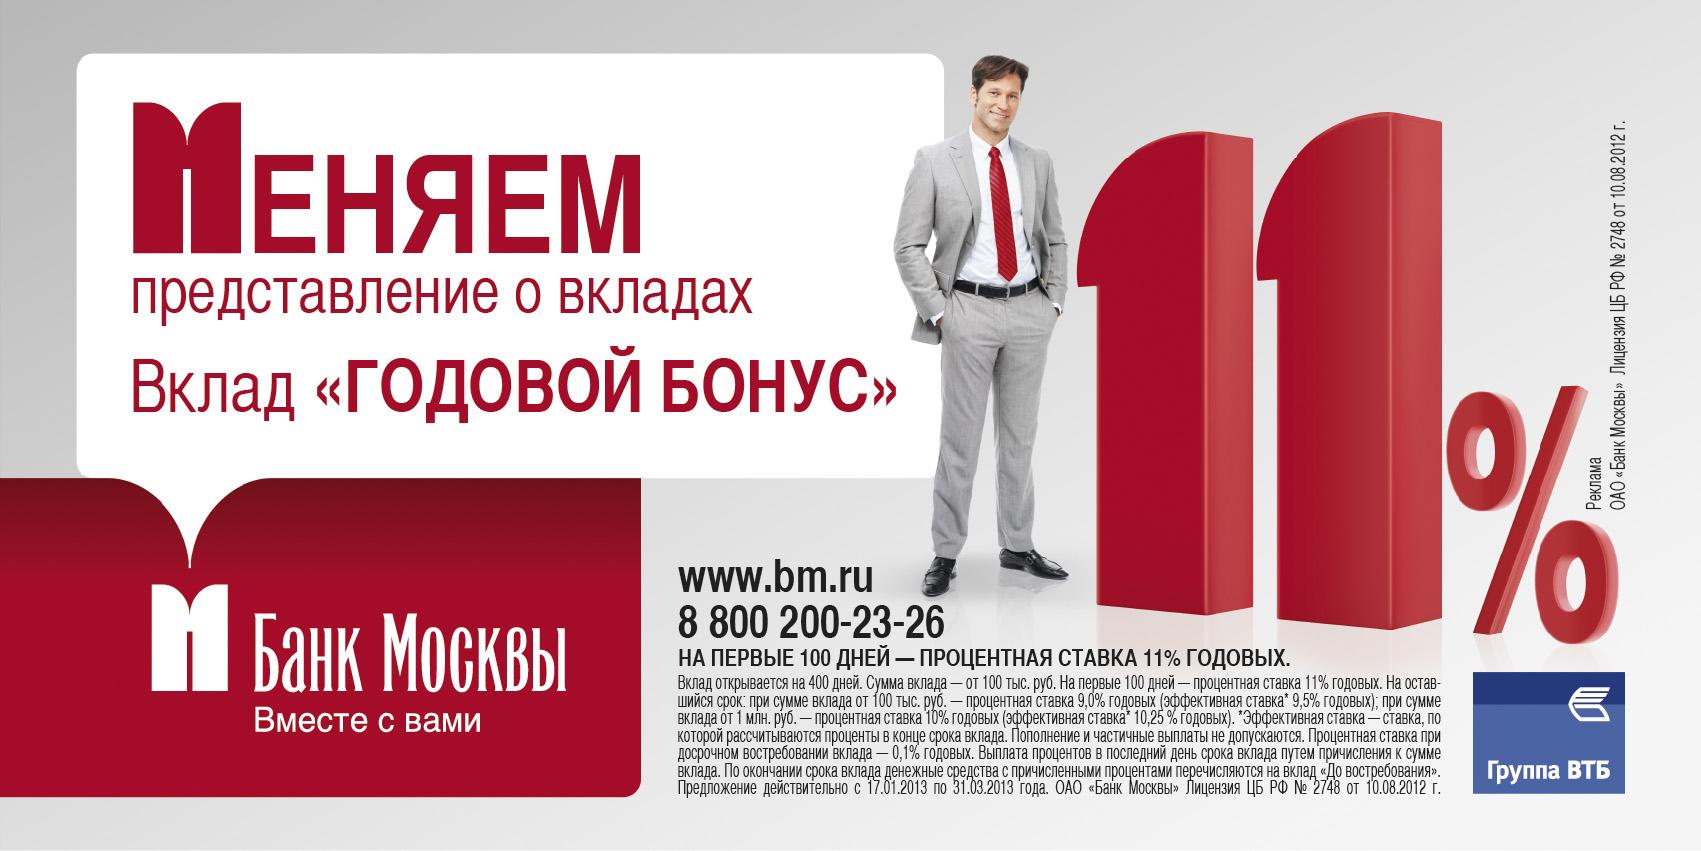 Агенство комитета рекламы и информации г.москвы вао настройка ремаркетинга google adwords